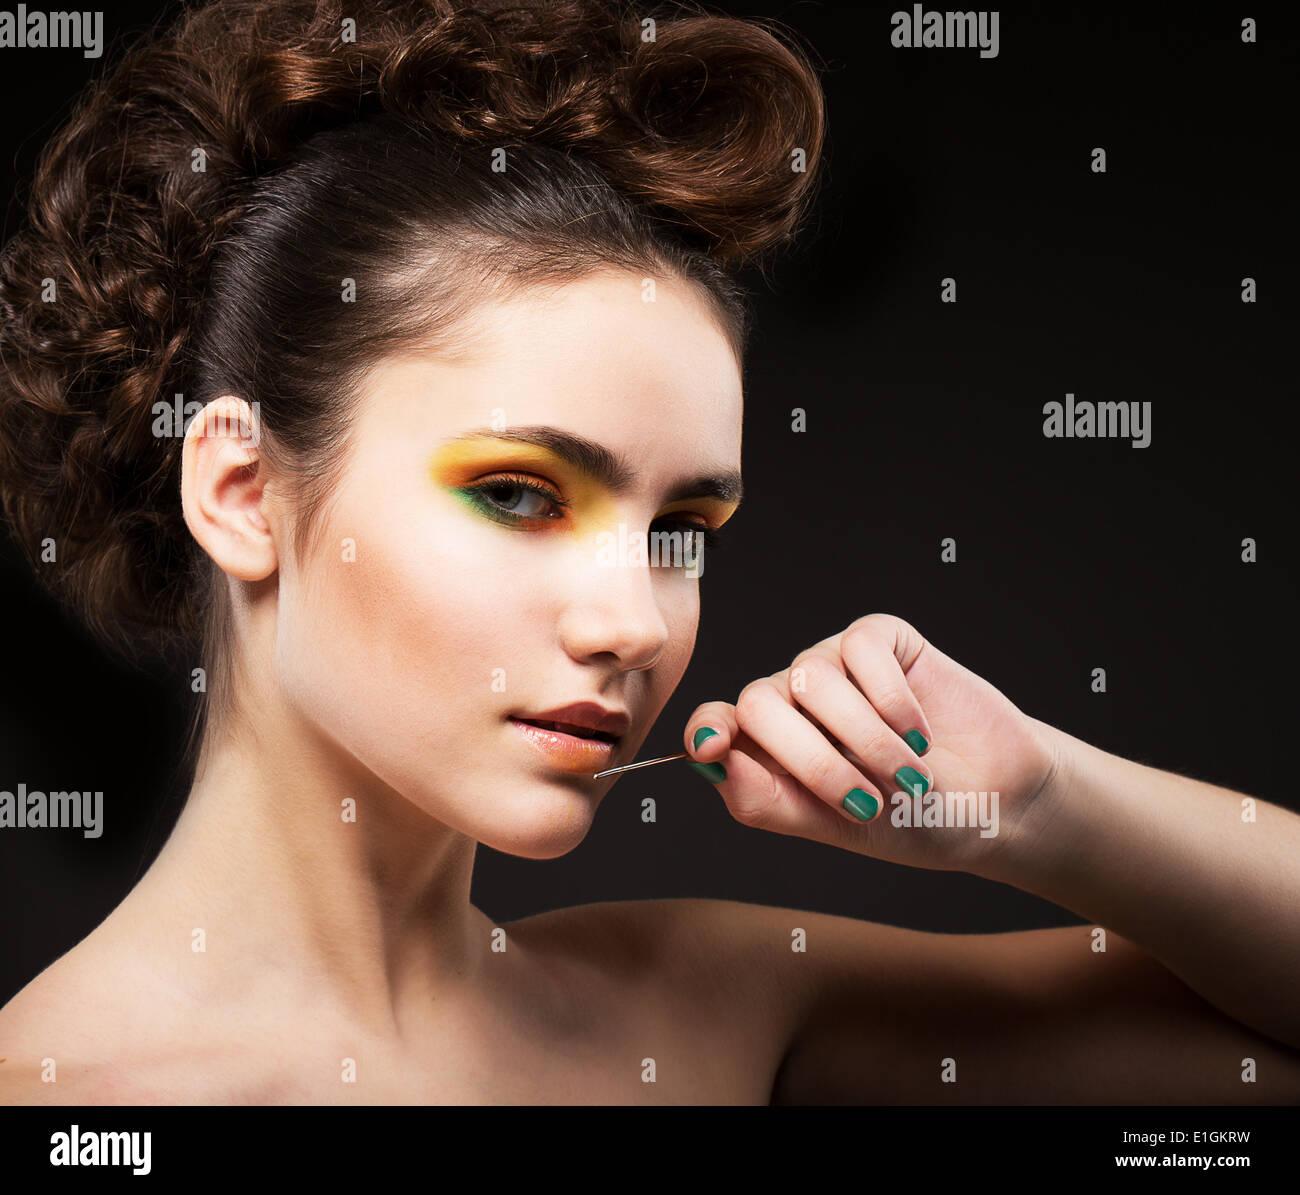 Ambition. Glamor. Sophisticated Lady Fashion Model with Needle - Stock Image